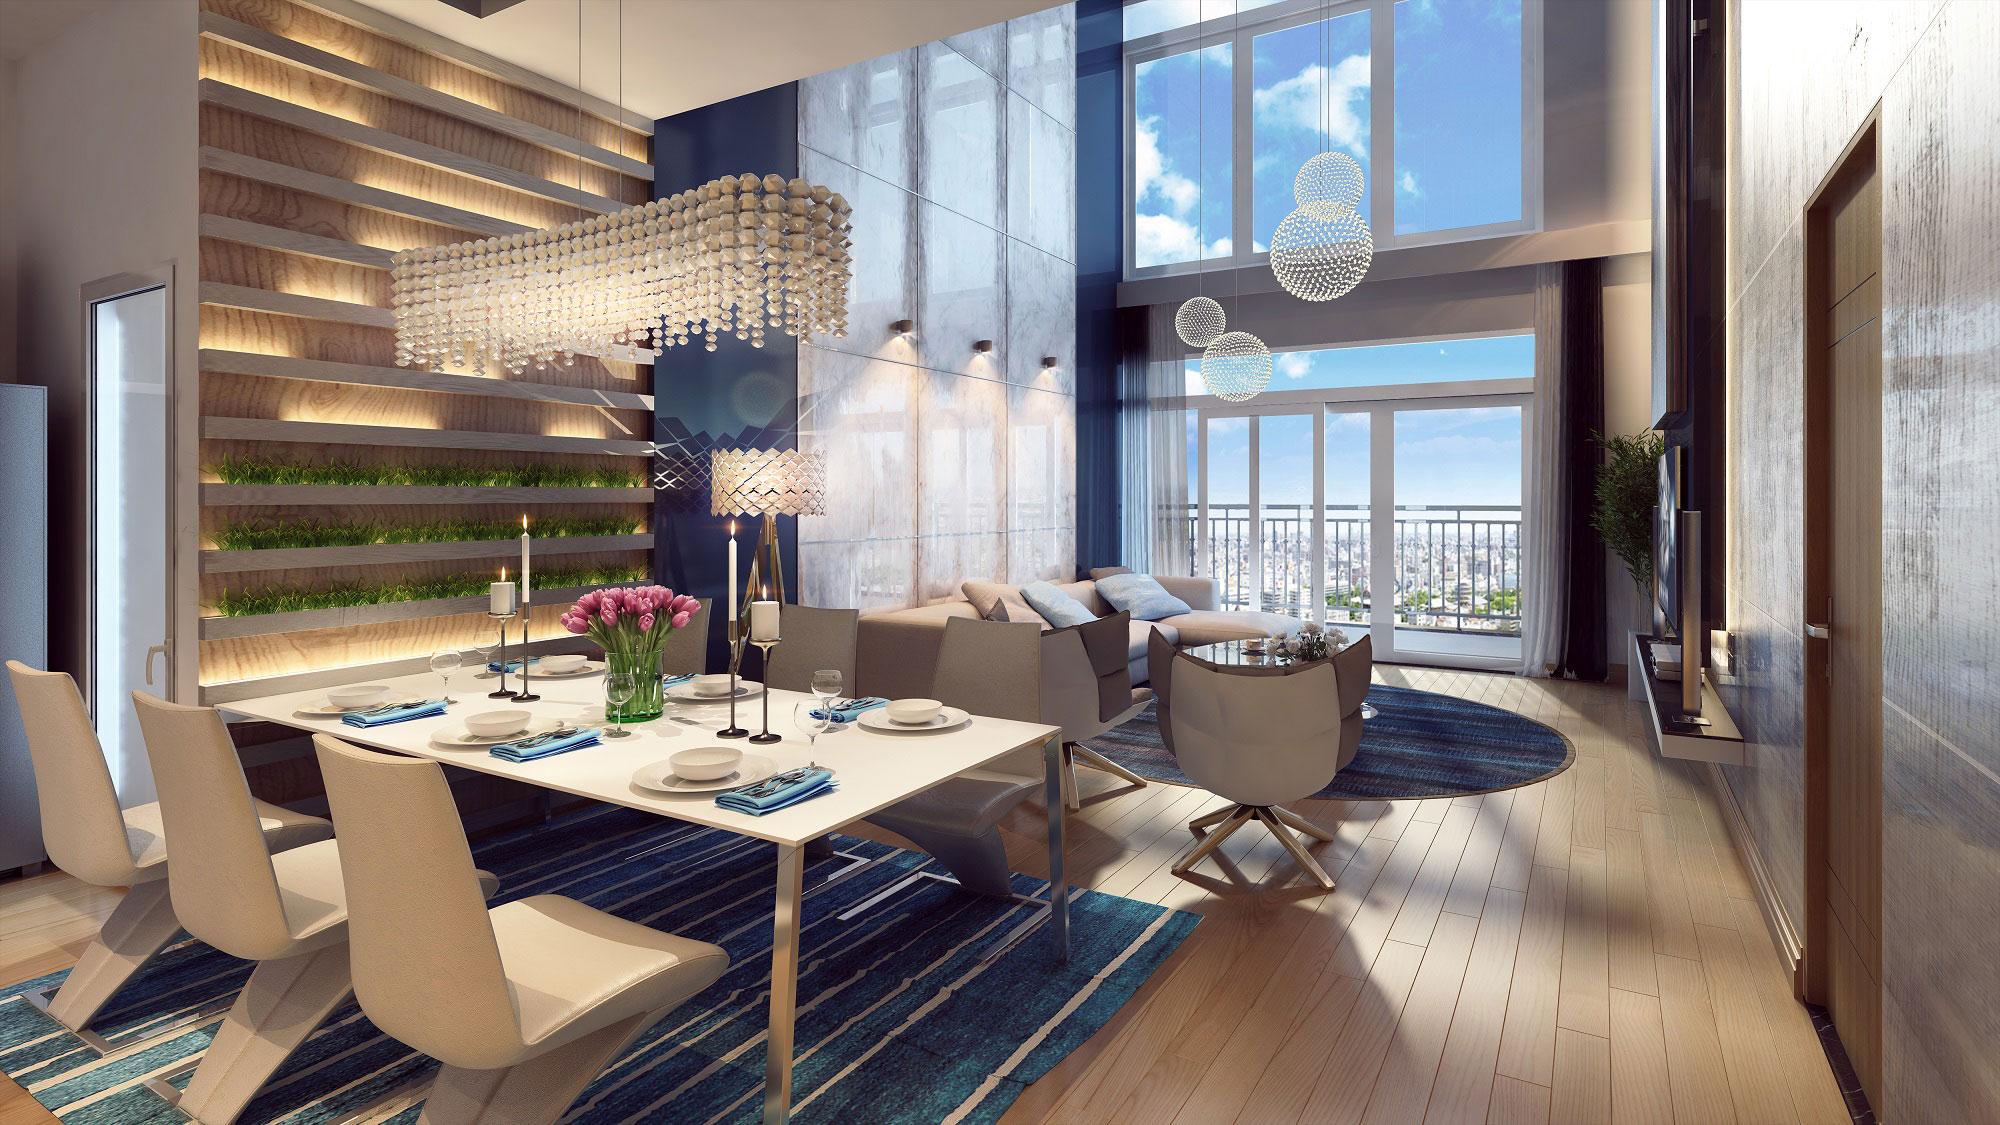 can ho duplex la gi co nen mua can ho duplex 2826 2 - Căn hộ Duplex là gì? Có nên mua căn hộ Duplex?